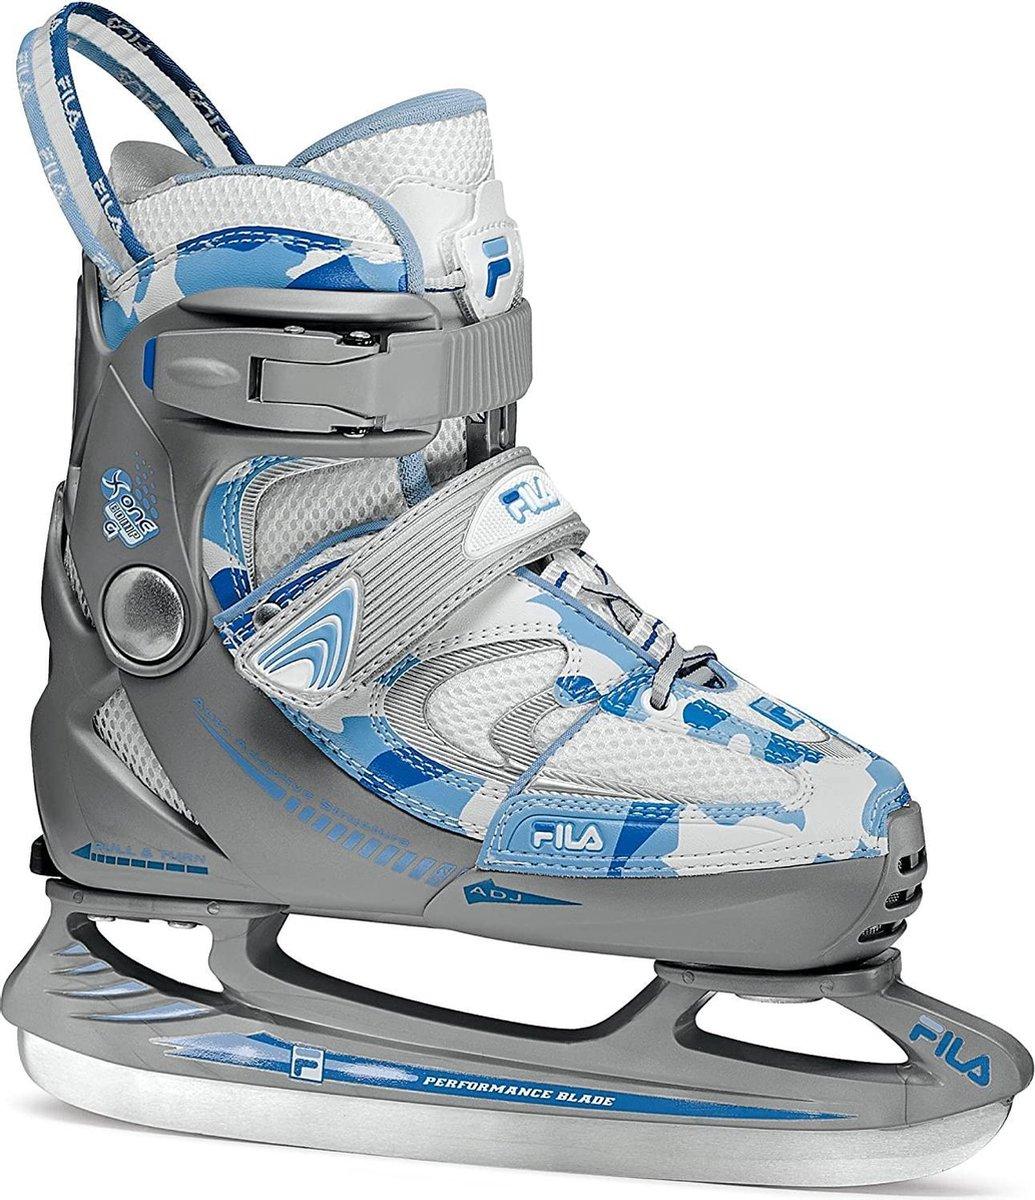 Kinderschaatsen / Schaatsen FILA X One Comp G Ice, Grijs / Blauw / Wit, Maat 32 t/m 35 (verstelbaar), Let op: Verpakking (doos) kan licht beschadigd zijn